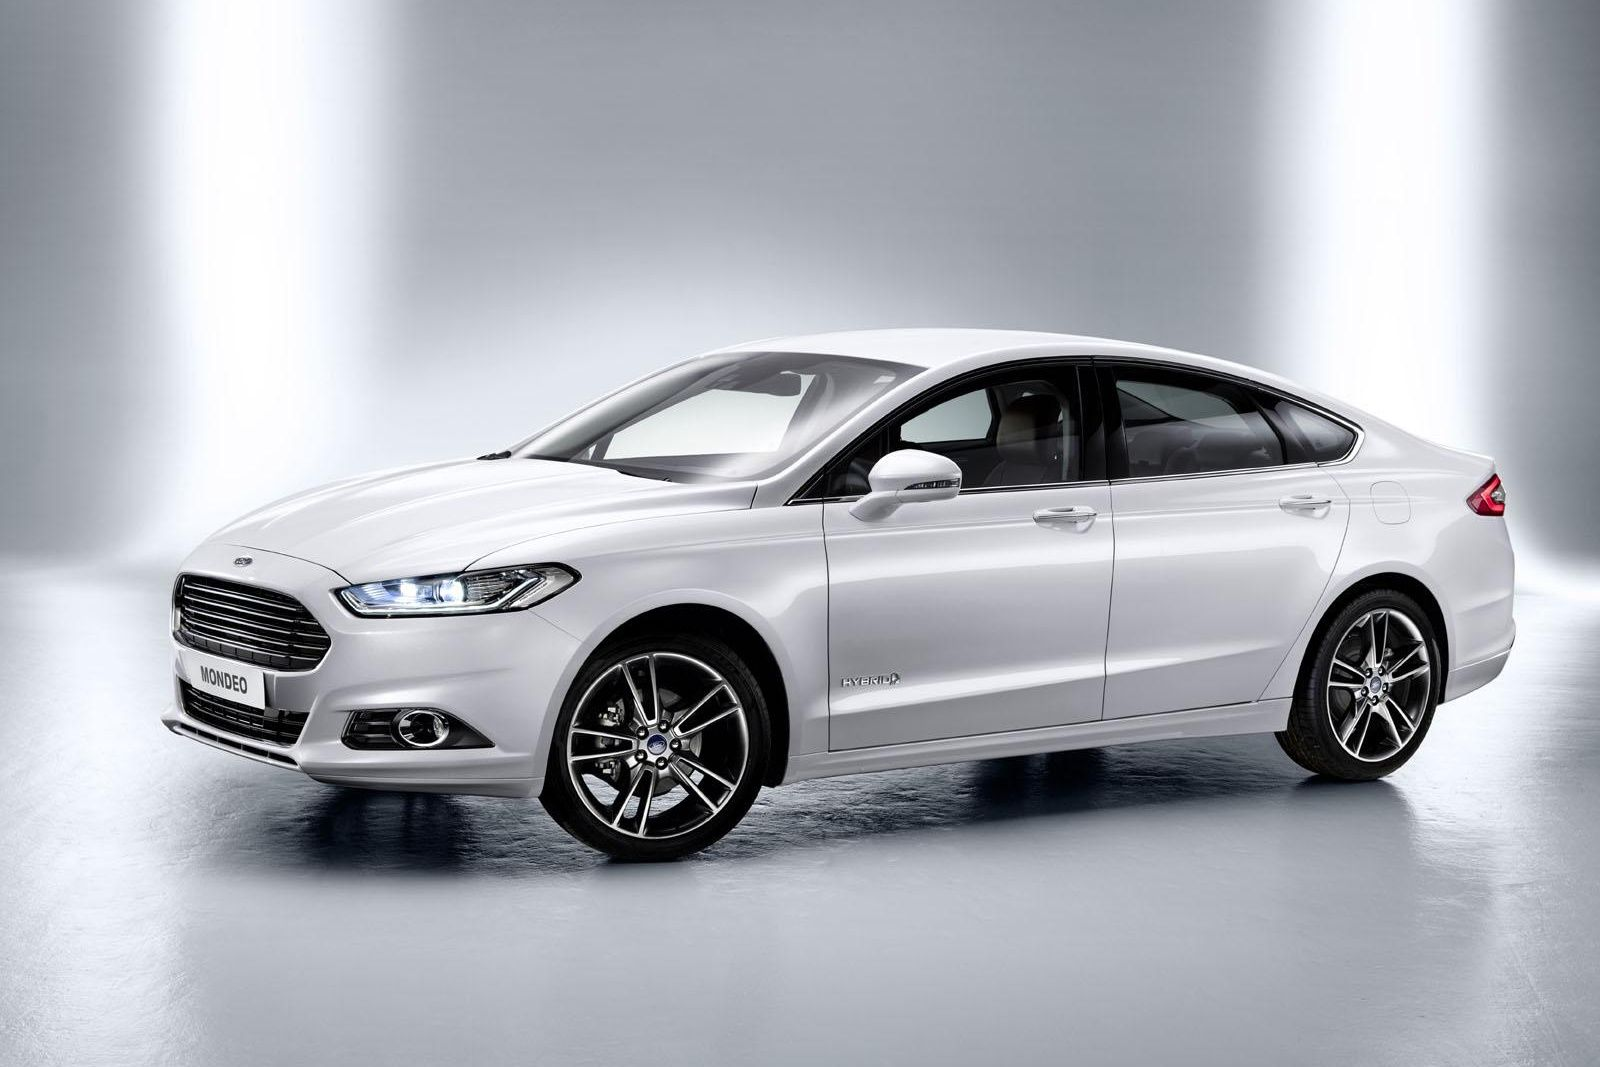 Официальное начало выпуска нового Ford Mondeo в России намечено на 9 апреля - журнал За рулем